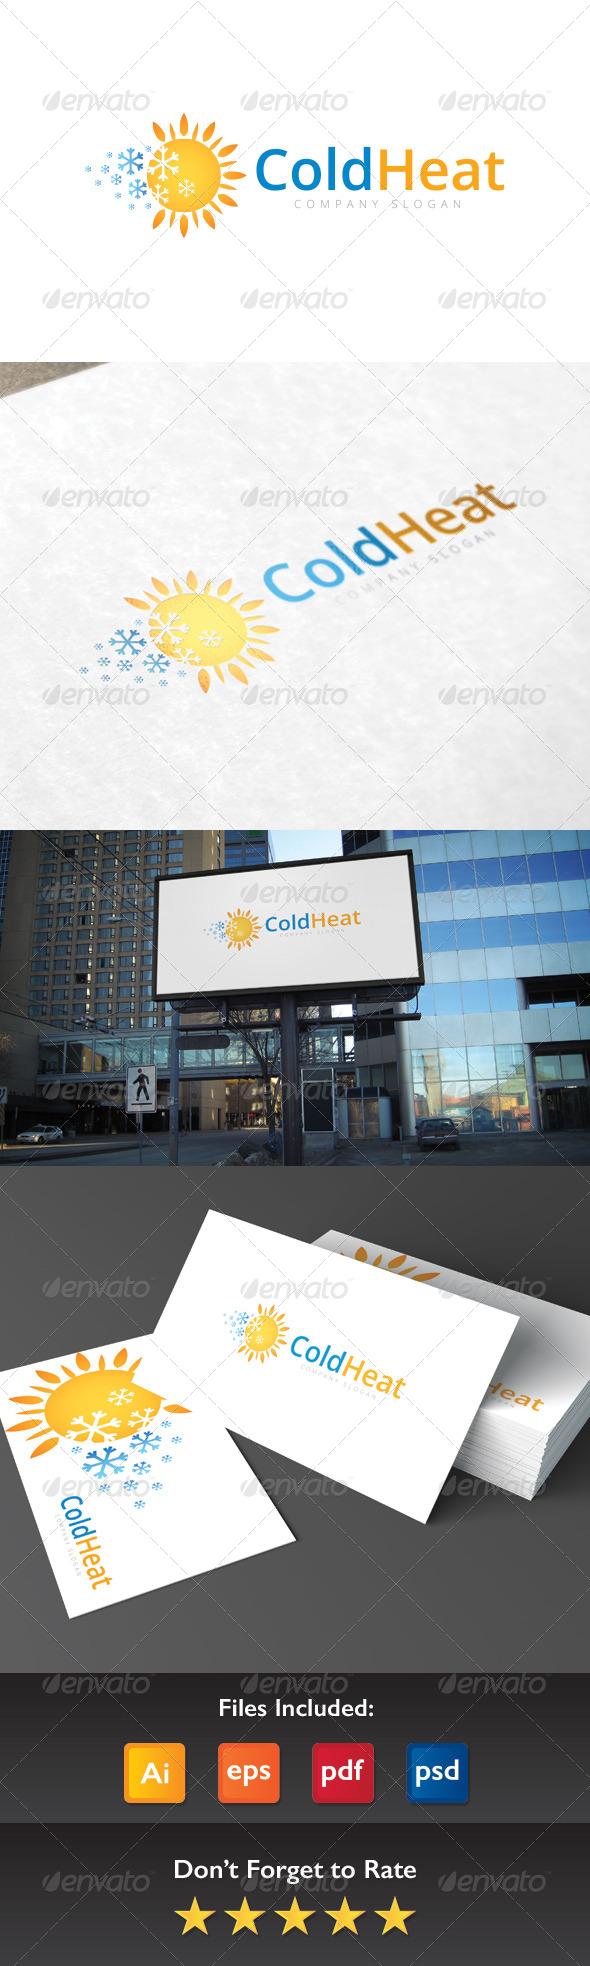 GraphicRiver Cold Heat Logo 8409194